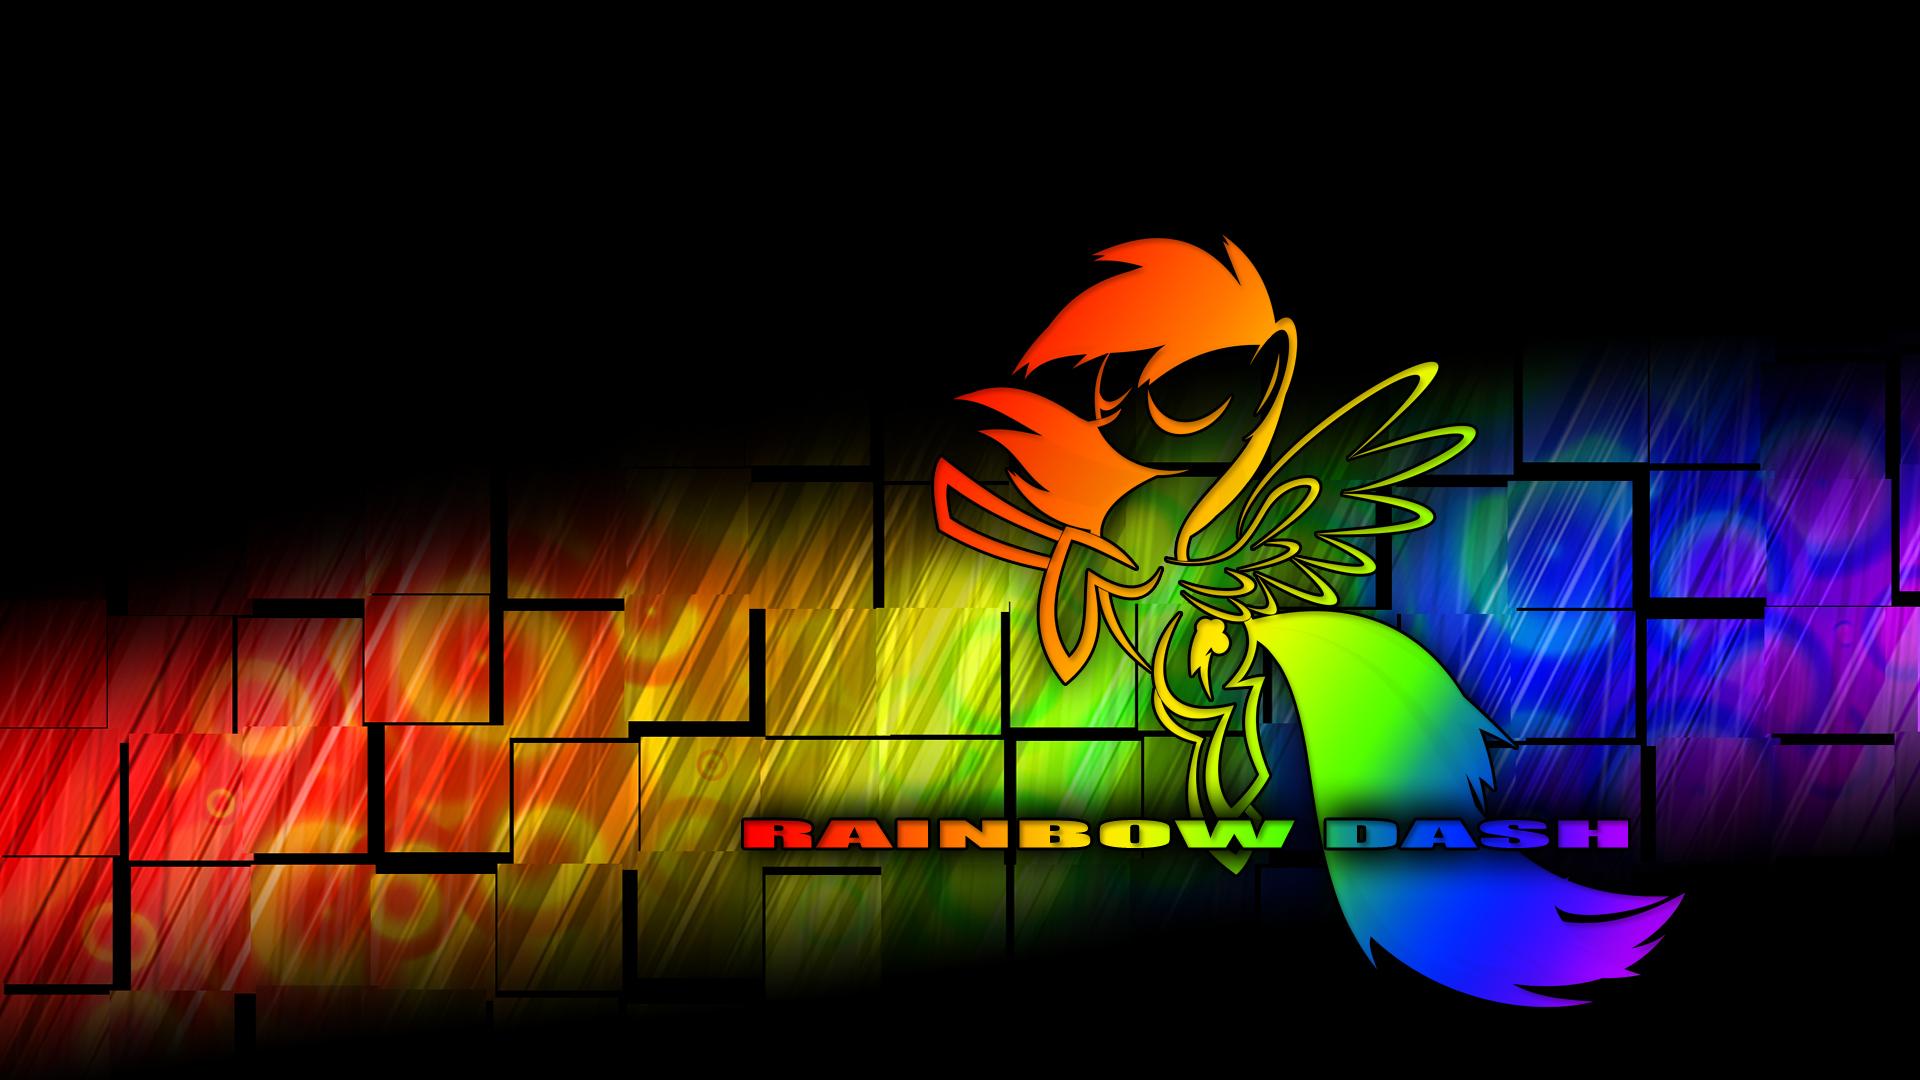 Rainbow Dash Wallpaper by Pappkarton on DeviantArt